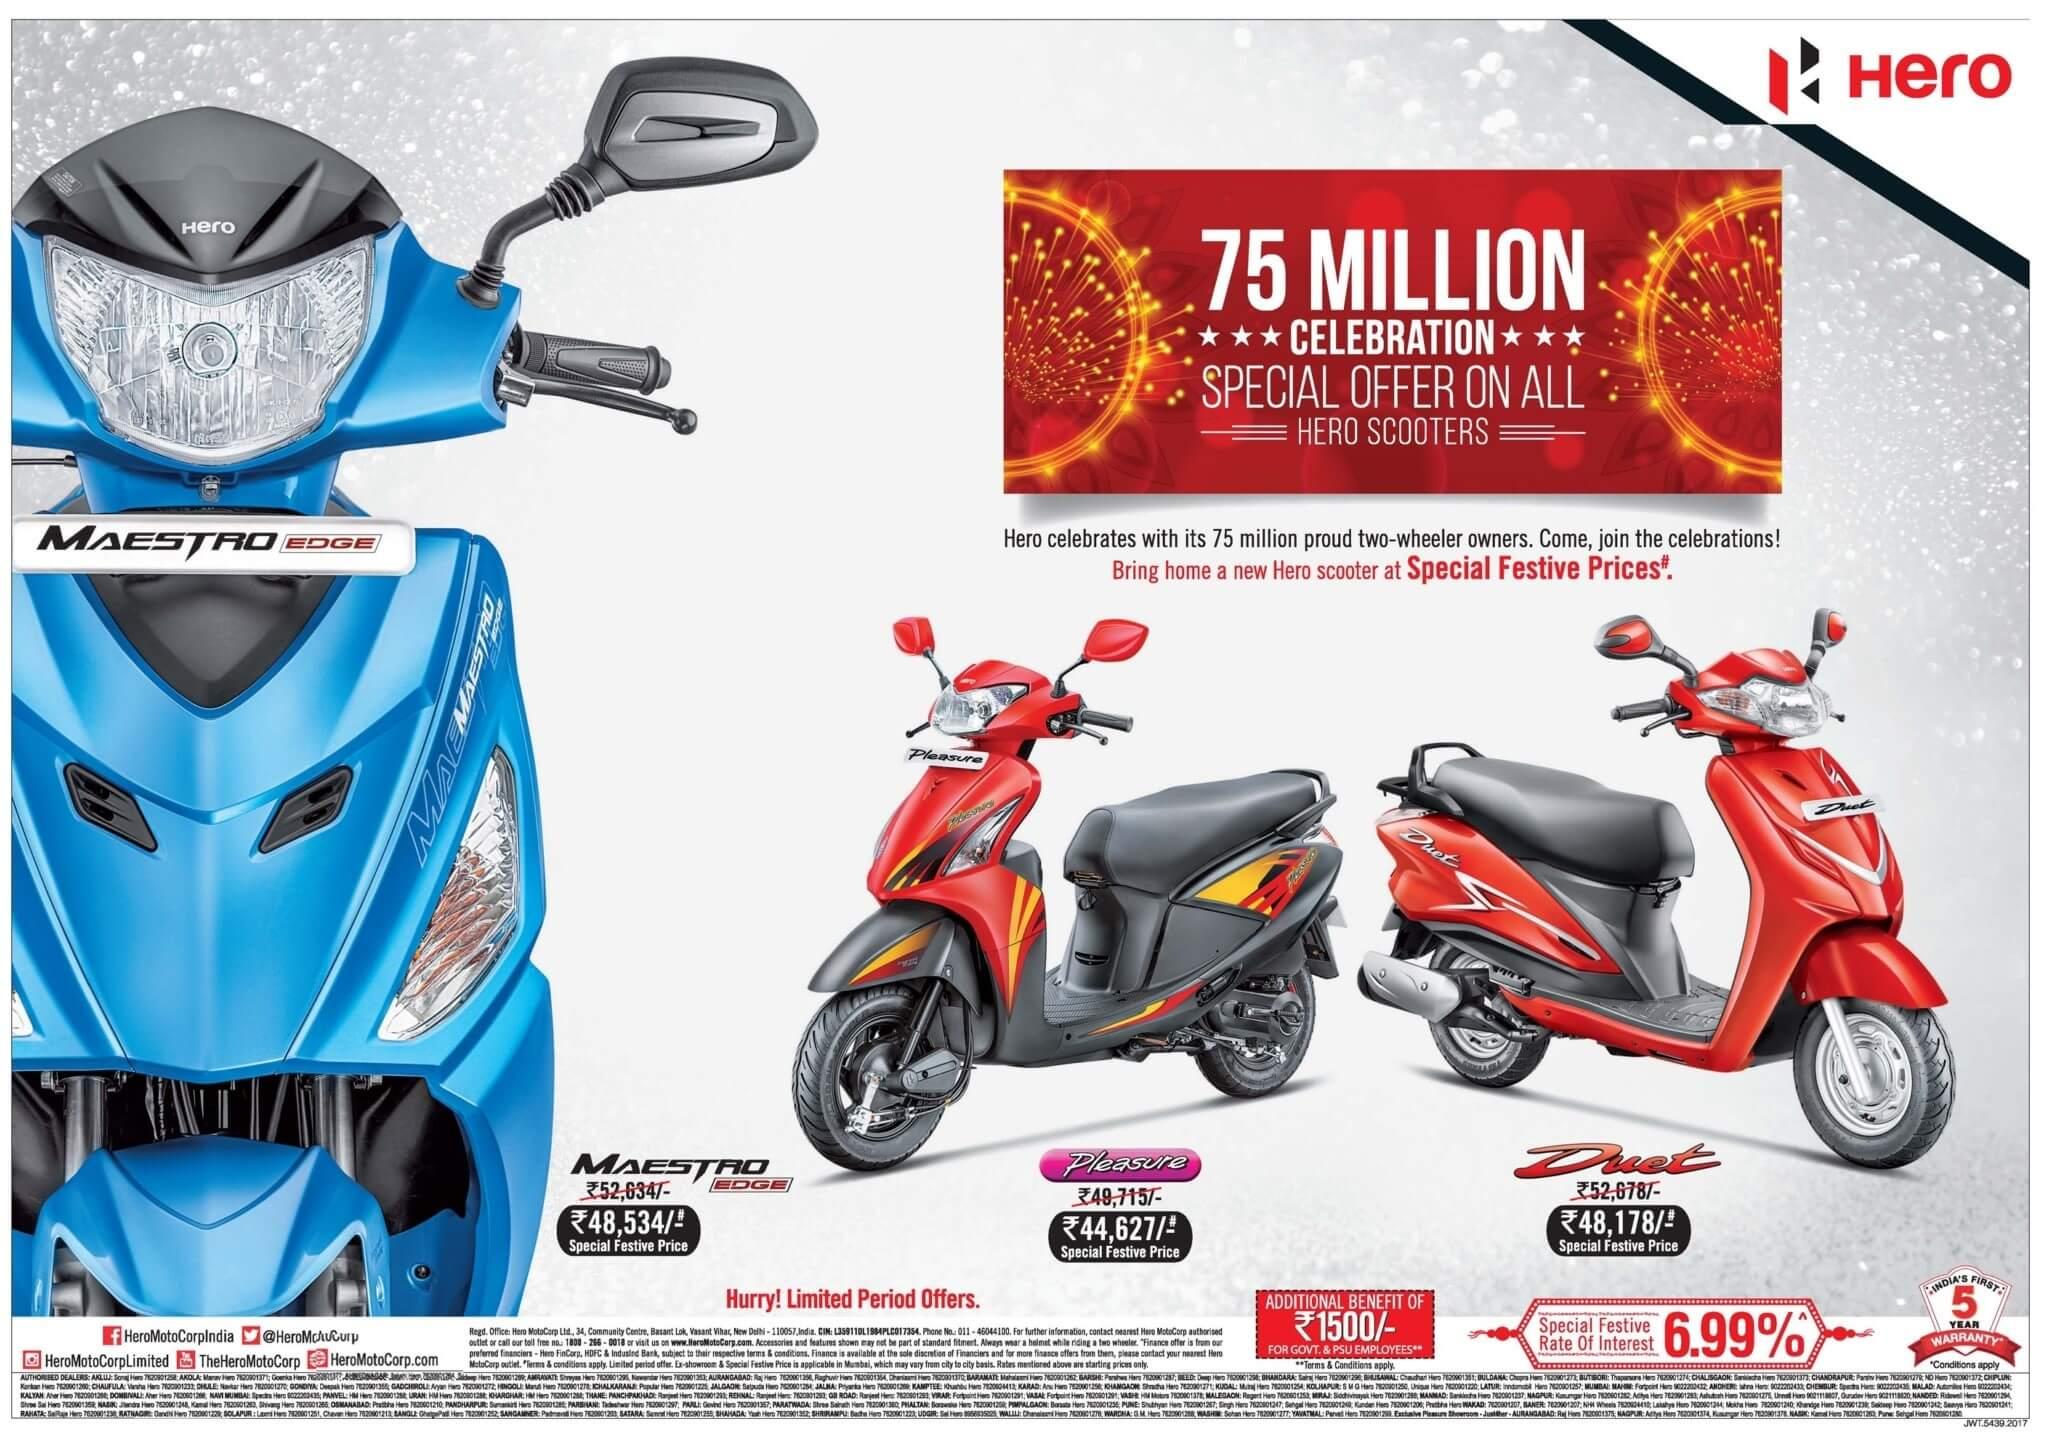 hero ads 2 - bright advertising